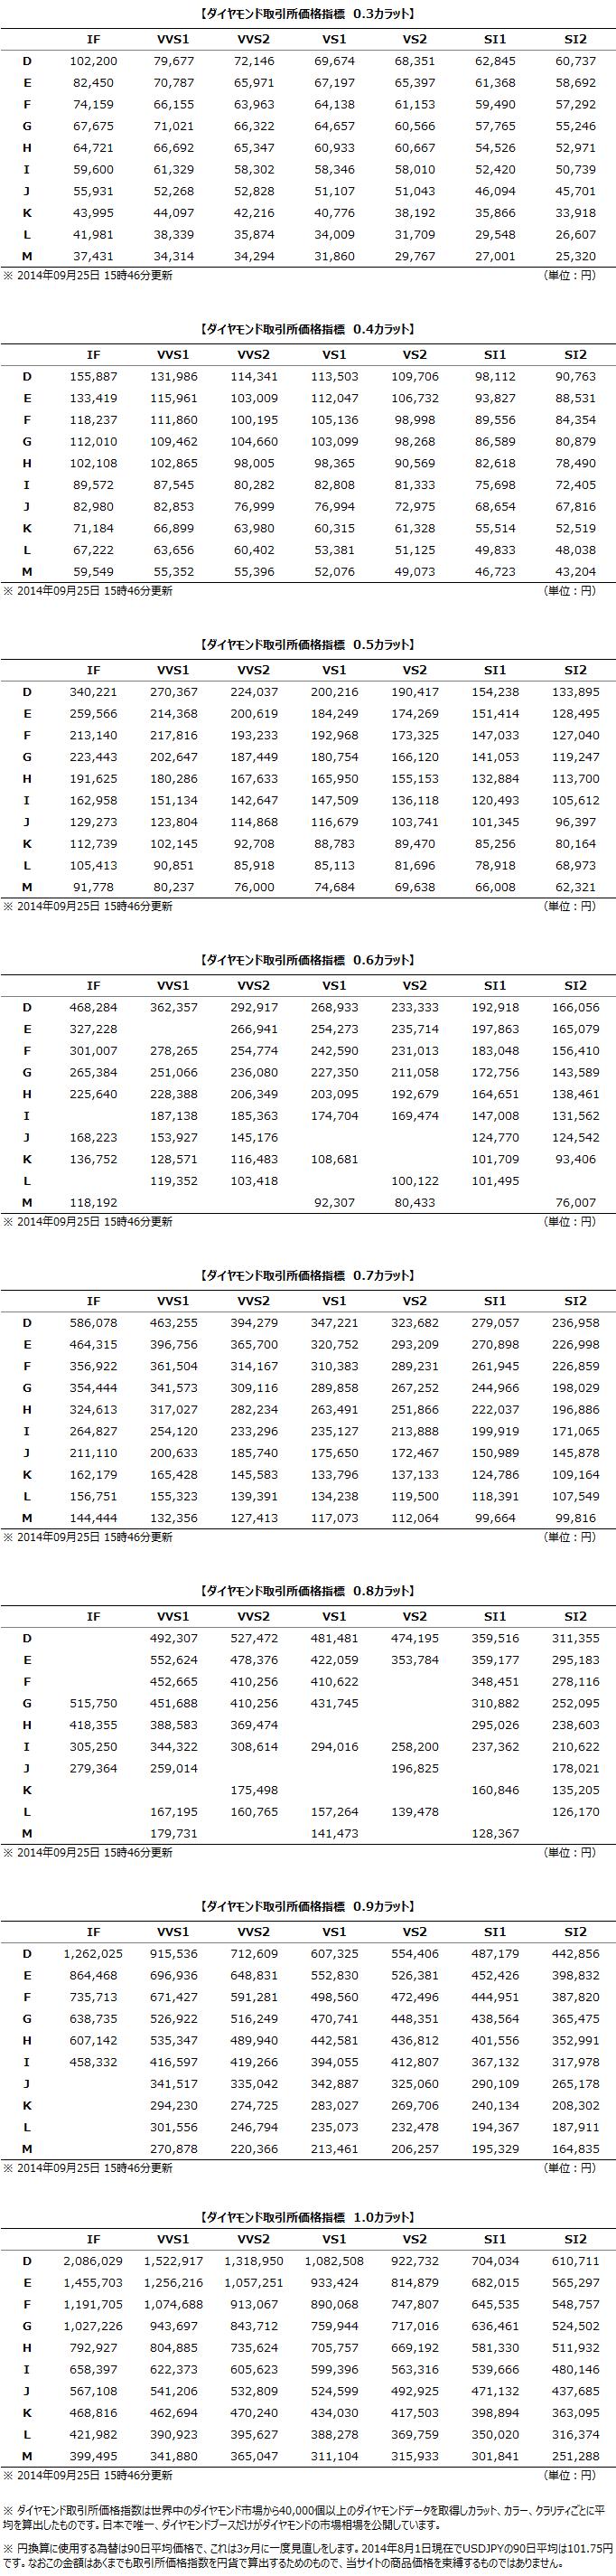 取引所価格のラパポート価格に対する比率 - ダイヤモンド相場&情報